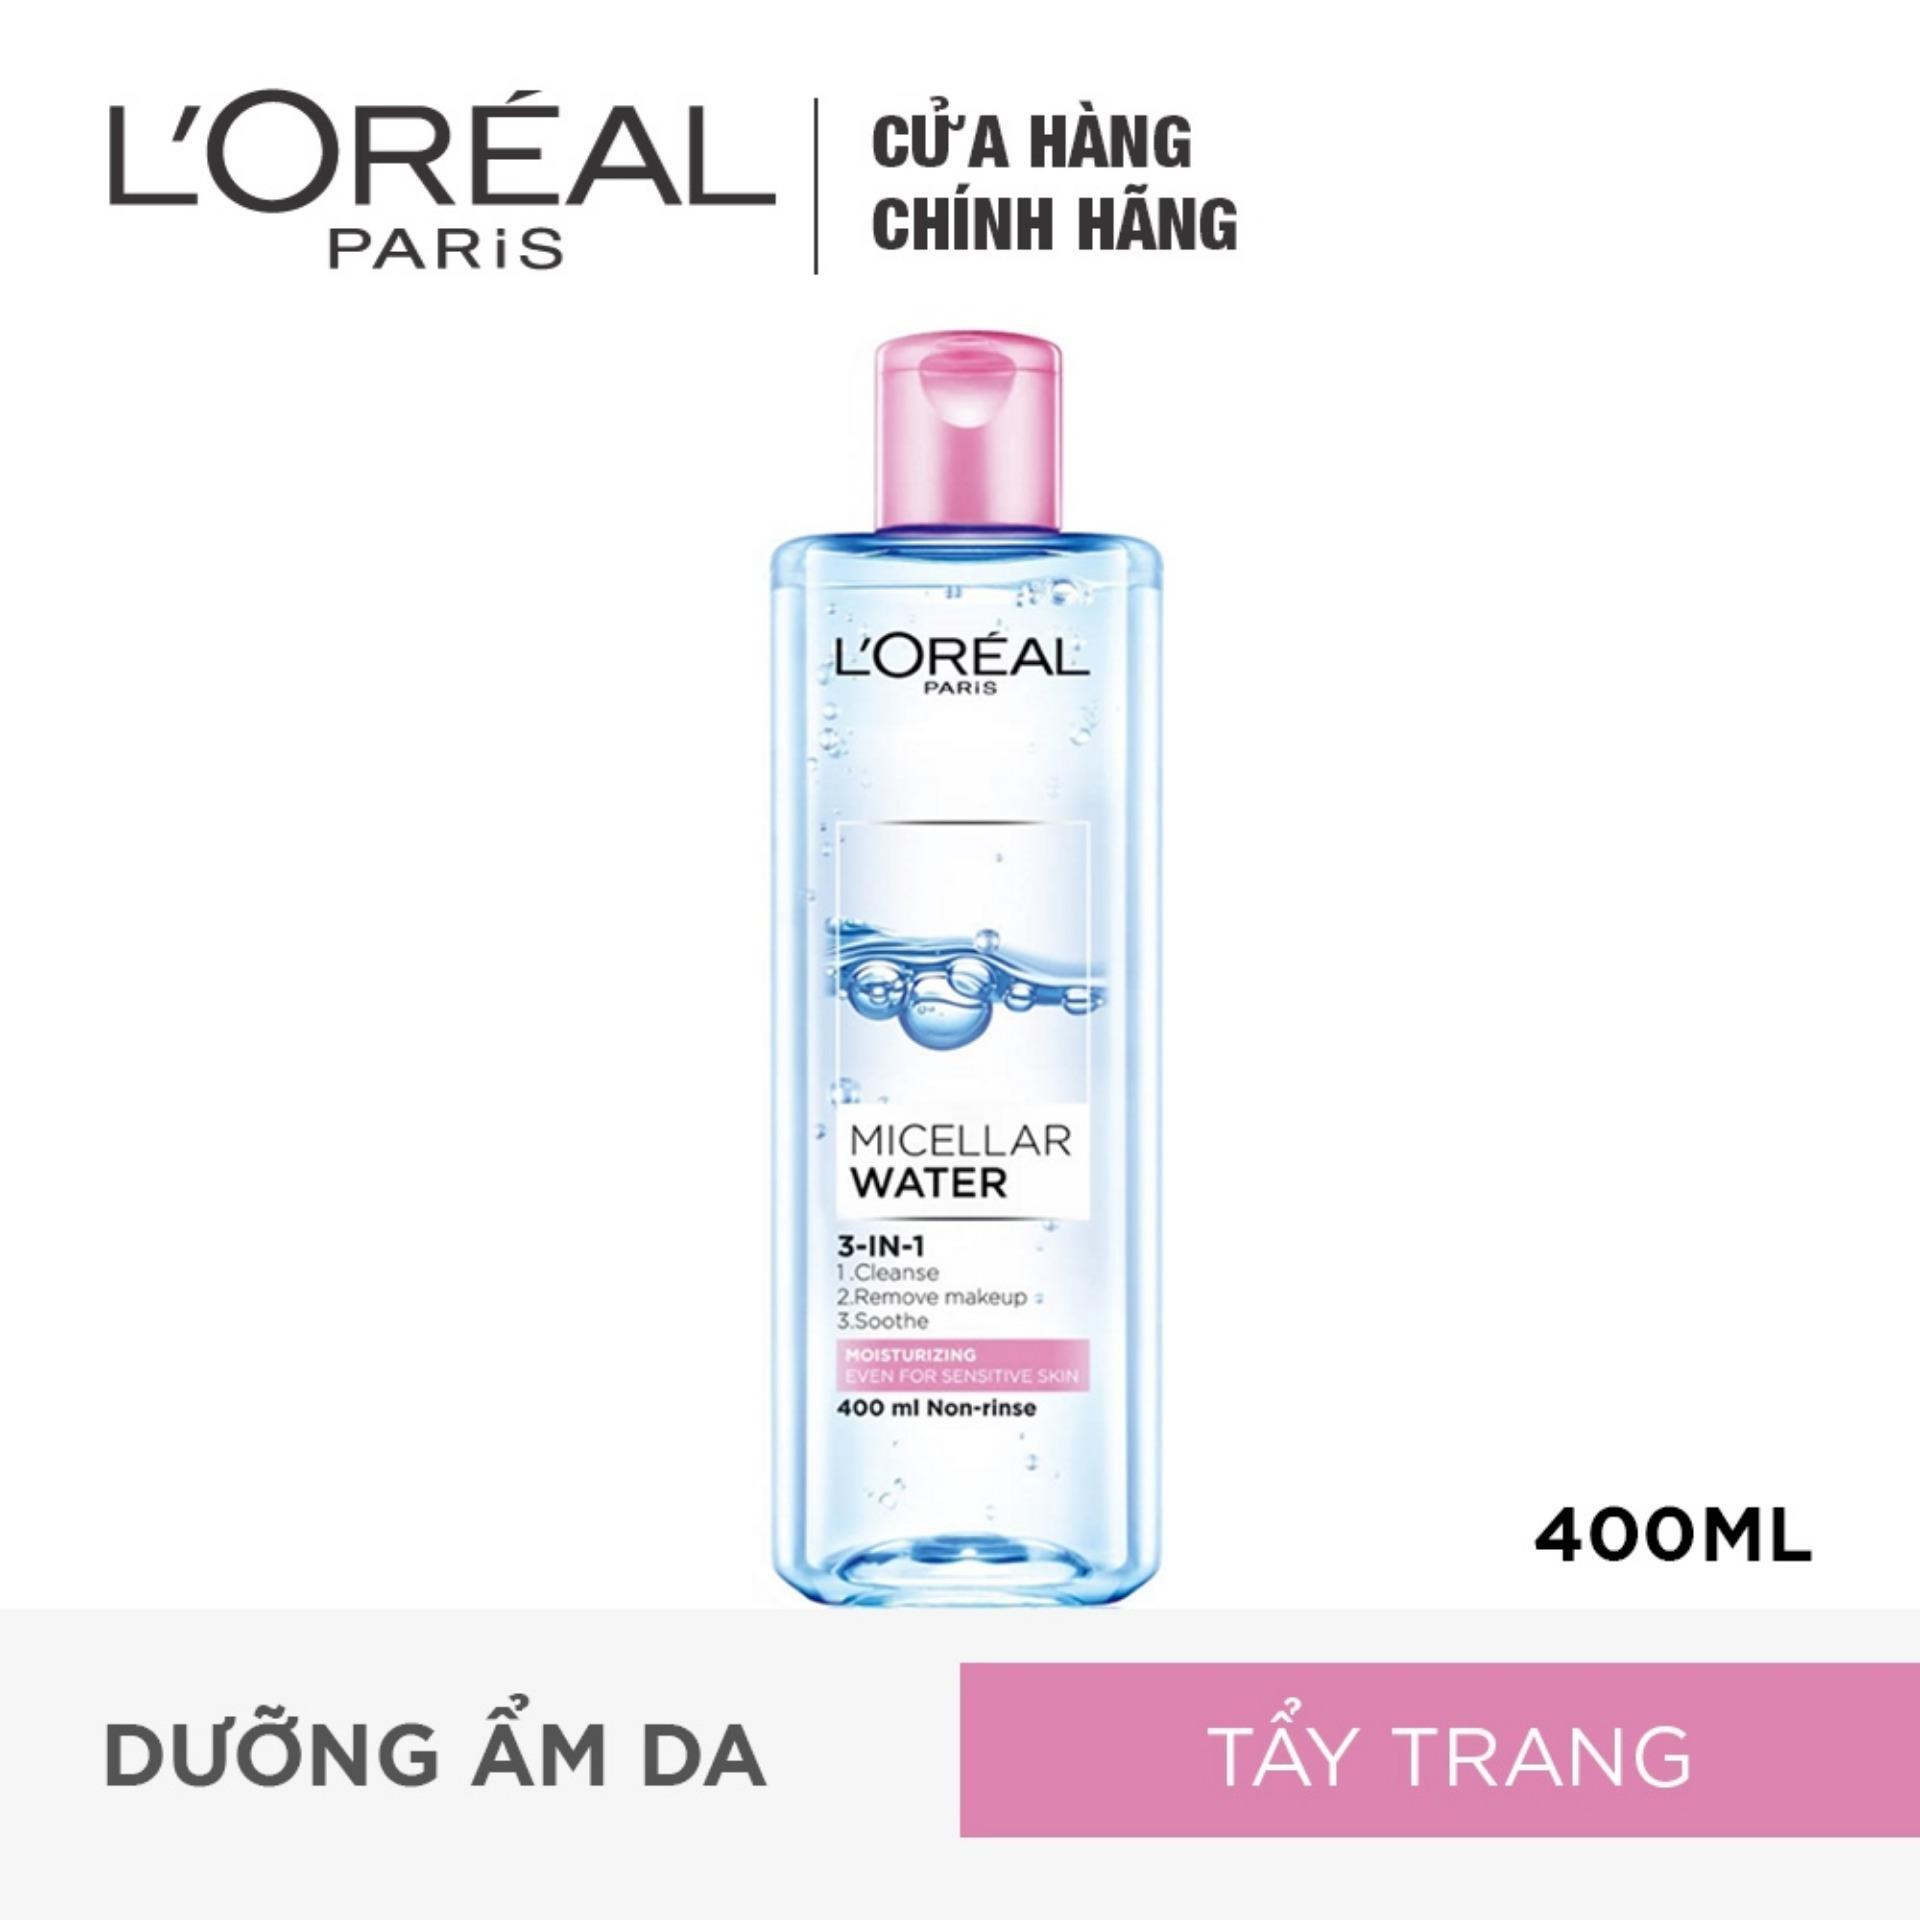 Nước tẩy trang dưỡng ẩm LOreal Paris Micellar Water 400ml (màu hồng)